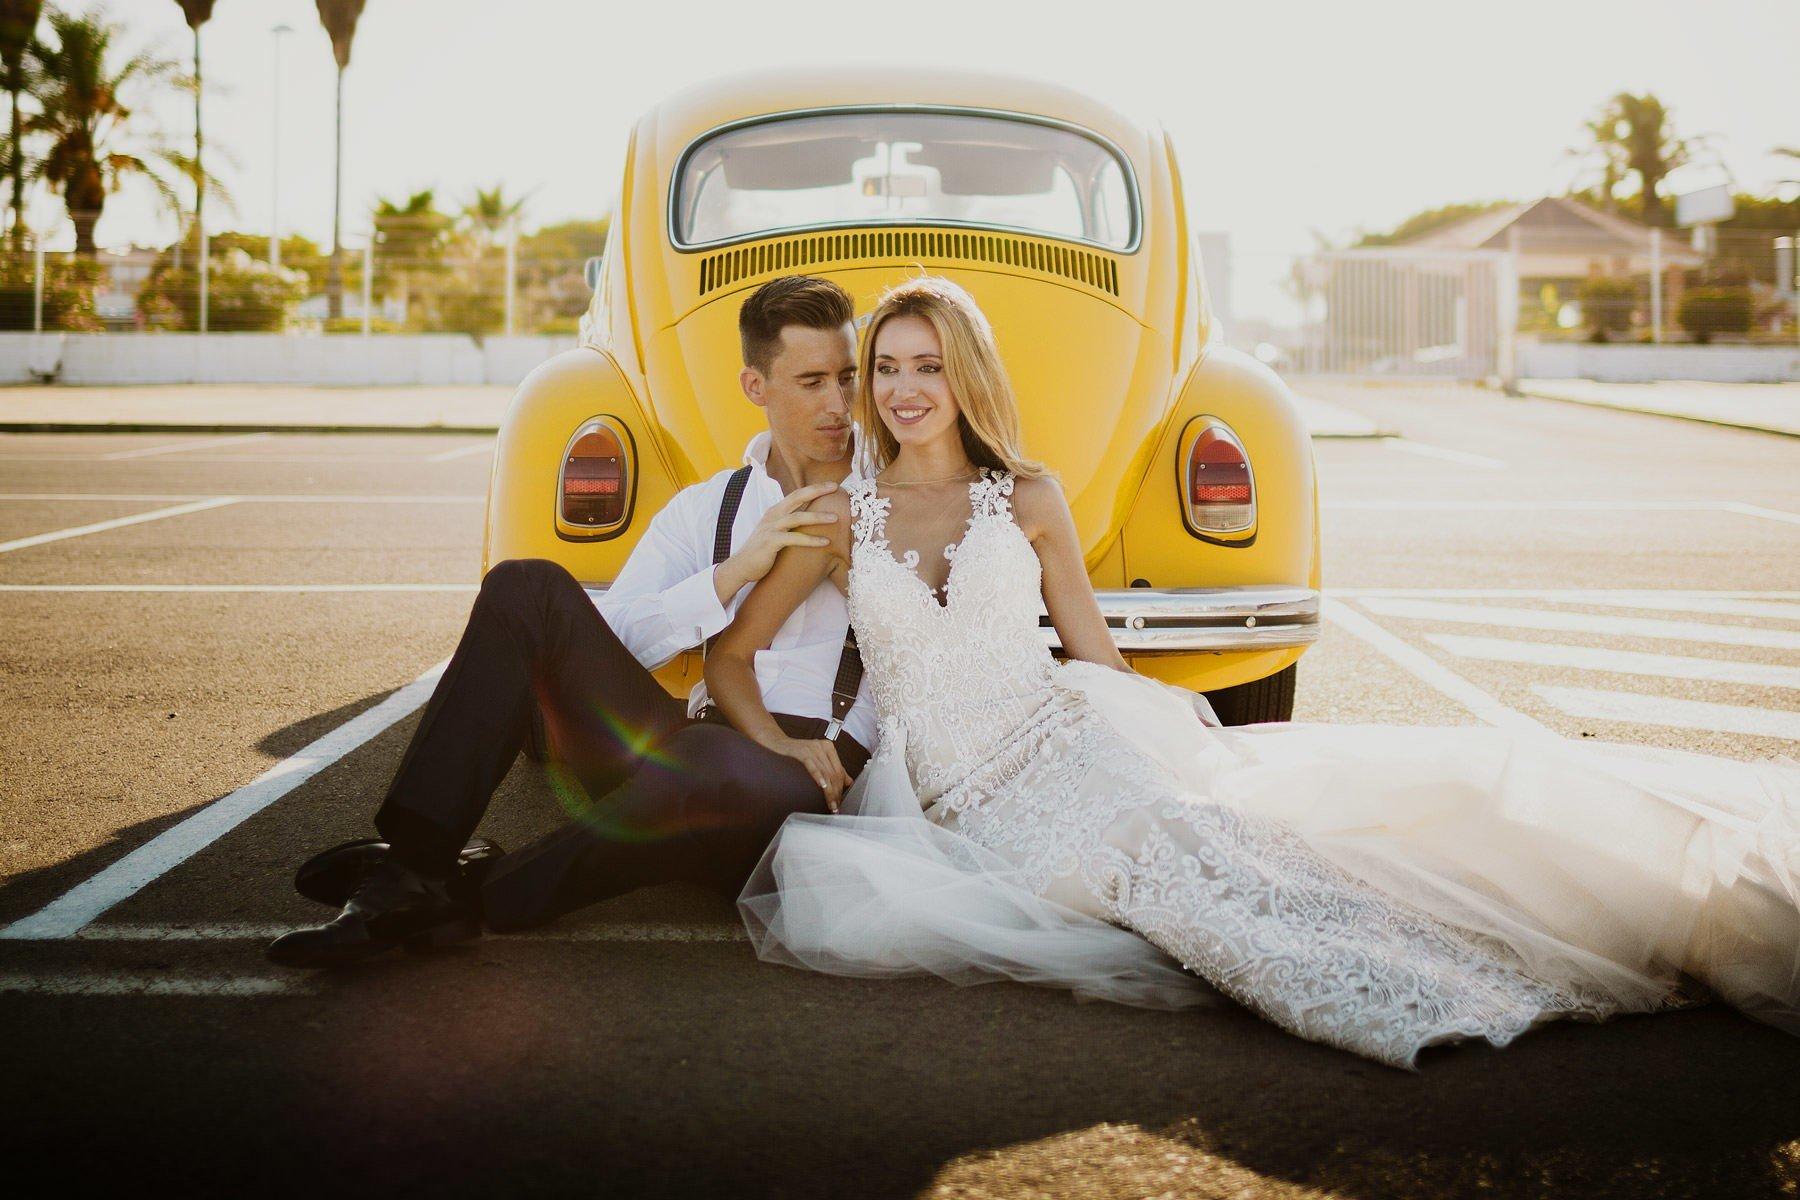 <br/><br/><br/><br/>Fotografía de boda sin posados